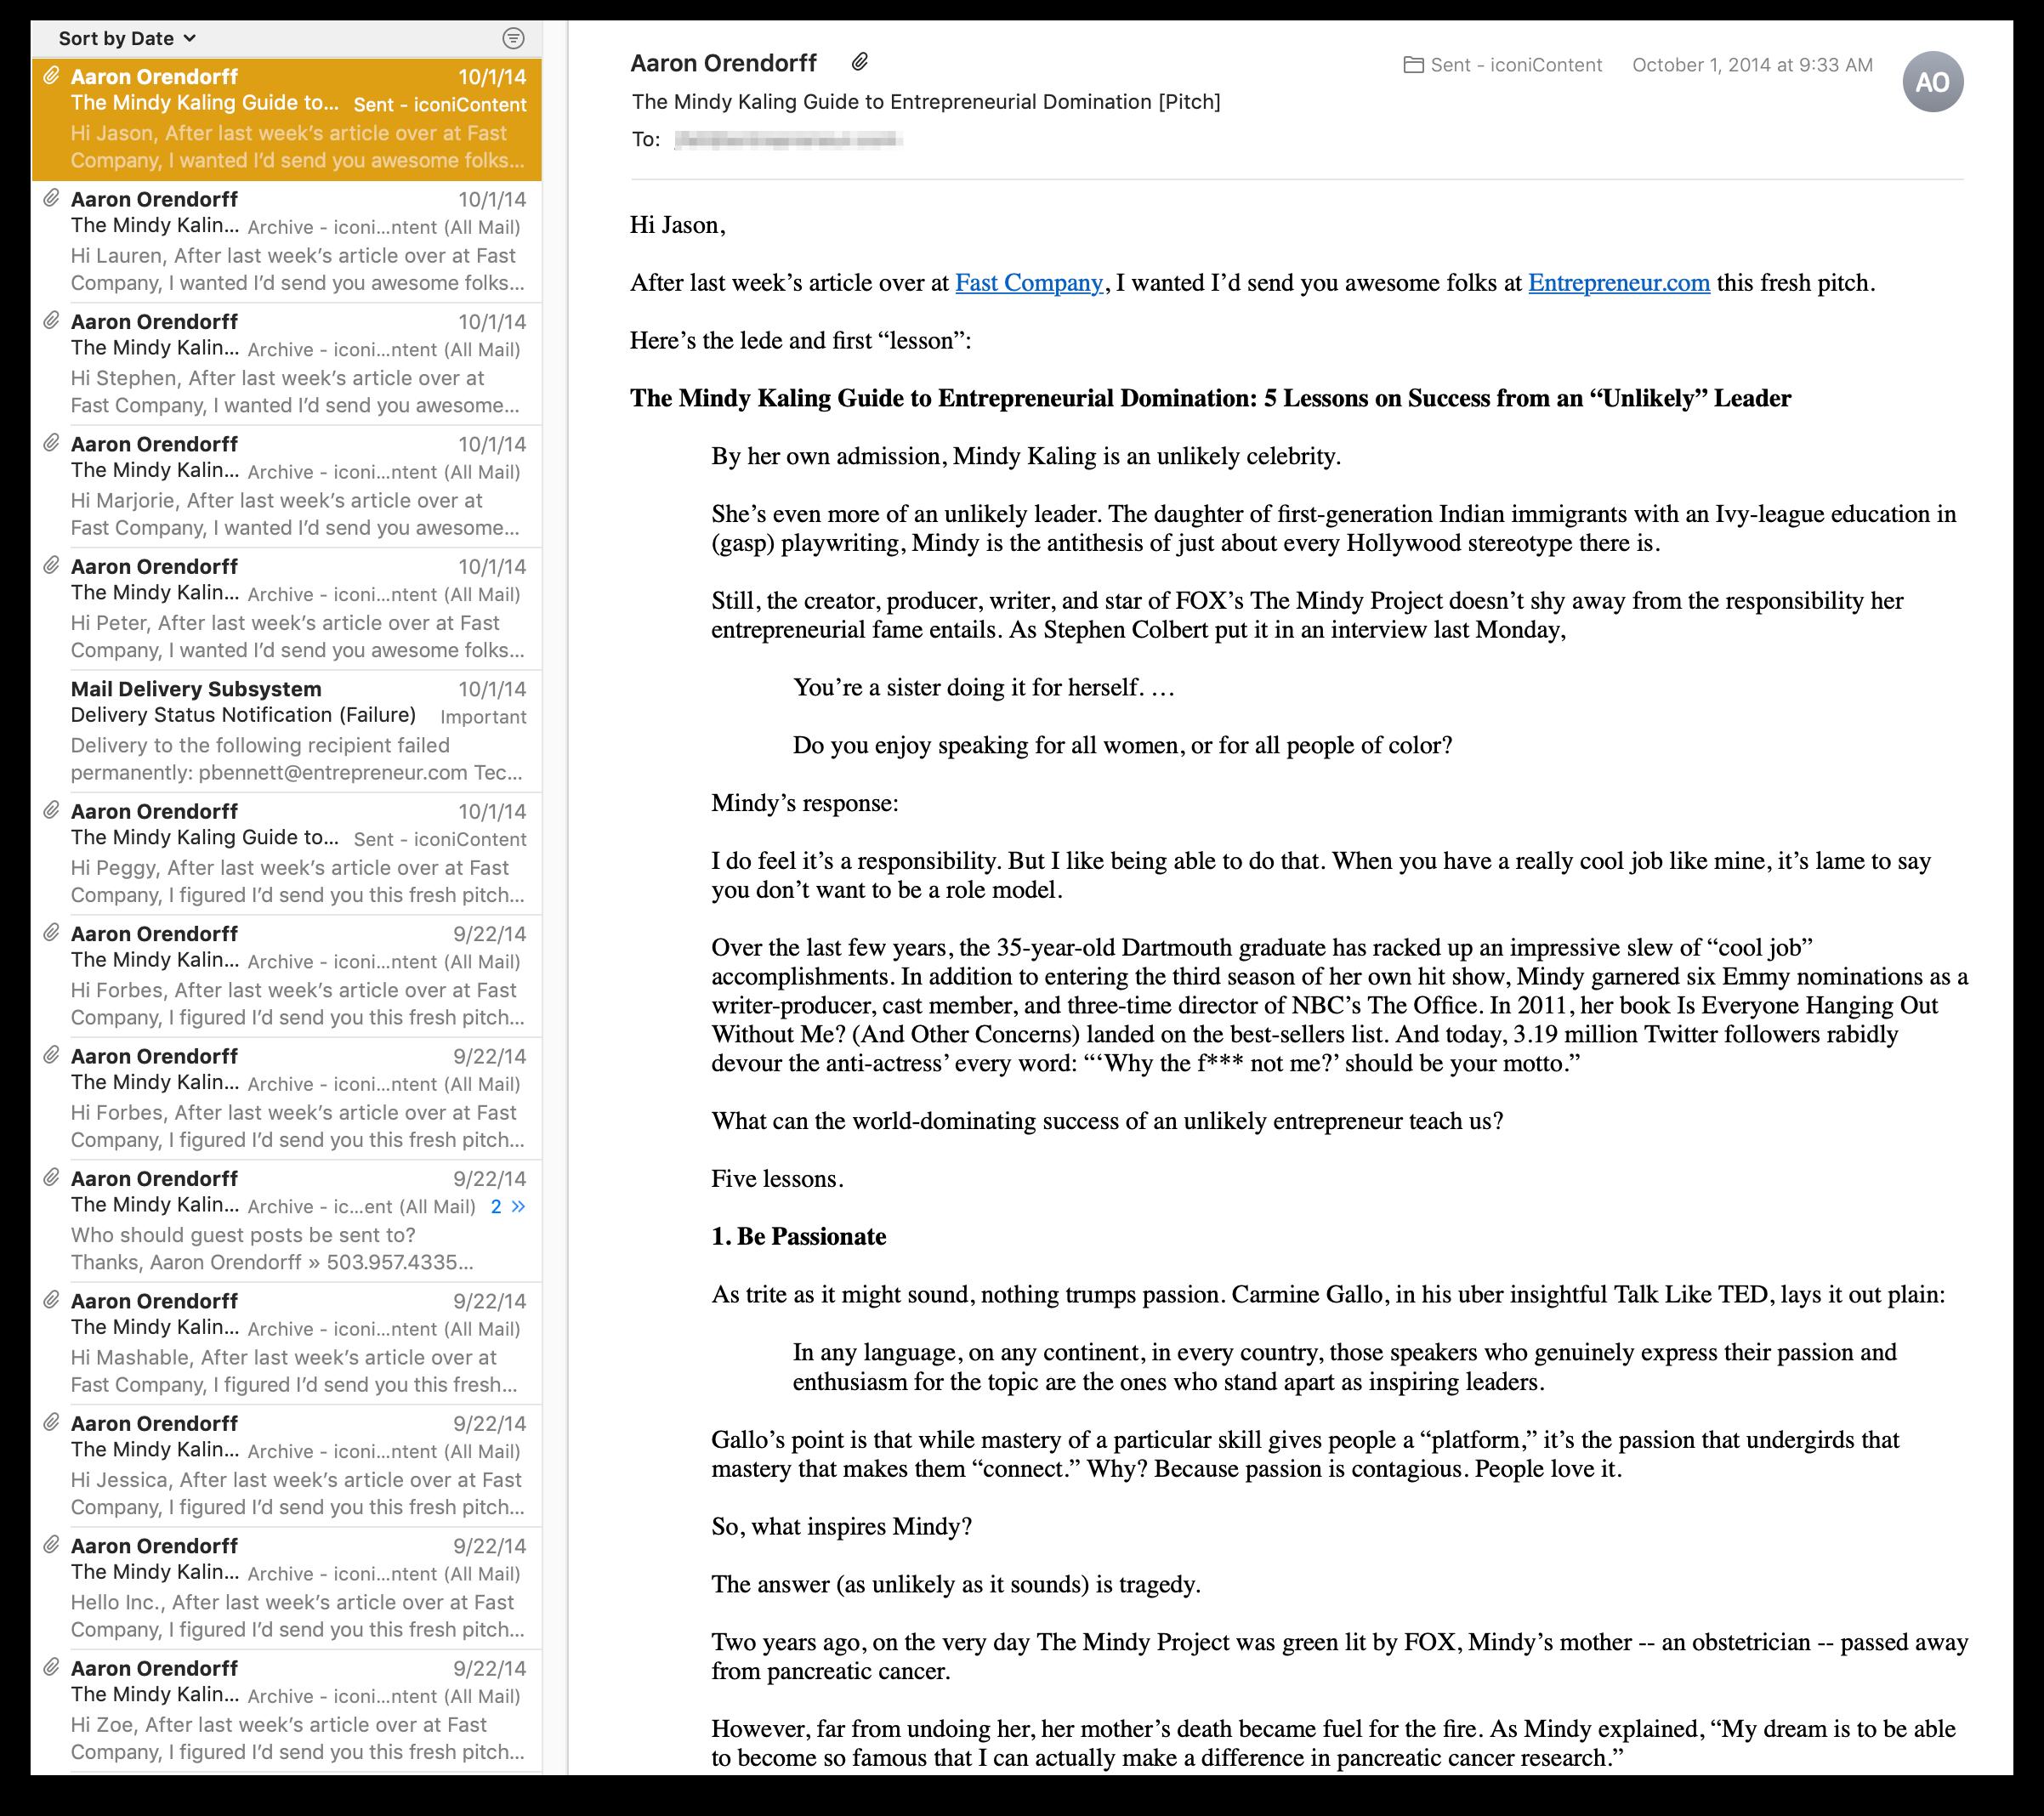 """Cronologia e-mail delle presentazioni dei messaggi degli ospiti di Aaron Orendorff """"class ="""" wp-image-24673 """"srcset ="""" https://megamarketing.it/wp-content/uploads/2019/11/1574357916_11_Come-sfondare-come-guest-blogger-anche-se-non-sei-uno-scrittore.png 2404w, https : //copyhackers.com/wp-content/uploads/2019/11/email-example-1-150x133.png 150w, https://copyhackers.com/wp-content/uploads/2019/11/email-example- 1-300x267.png 300w, https://copyhackers.com/wp-content/uploads/2019/11/email-example-1-768x682.png 768w, https://copyhackers.com/wp-content/uploads/ 2019/11 / email-esempio-1-800x711.png 800w, https://copyhackers.com/wp-content/uploads/2019/11/email-example-1-990x880.png 990w, https: // copyhackers. com / wp-content / uploads / 2019/11 / email-example-1-1320x1173.png 1320w """"dimensioni ="""" (larghezza massima: 2404px) 100vw, 2404px"""